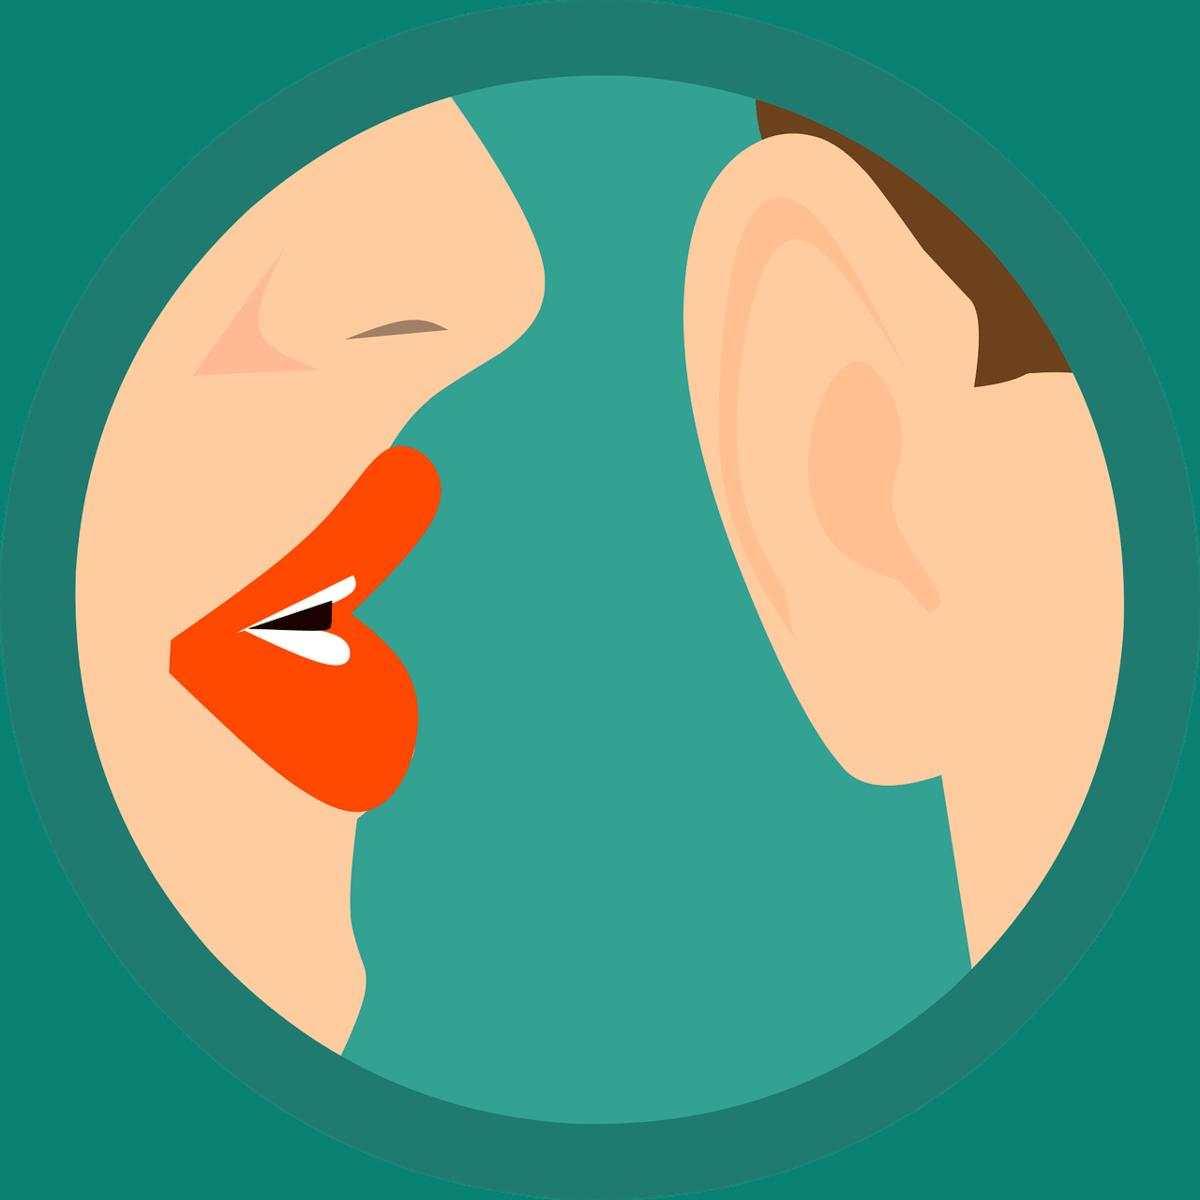 לחישה באוזן